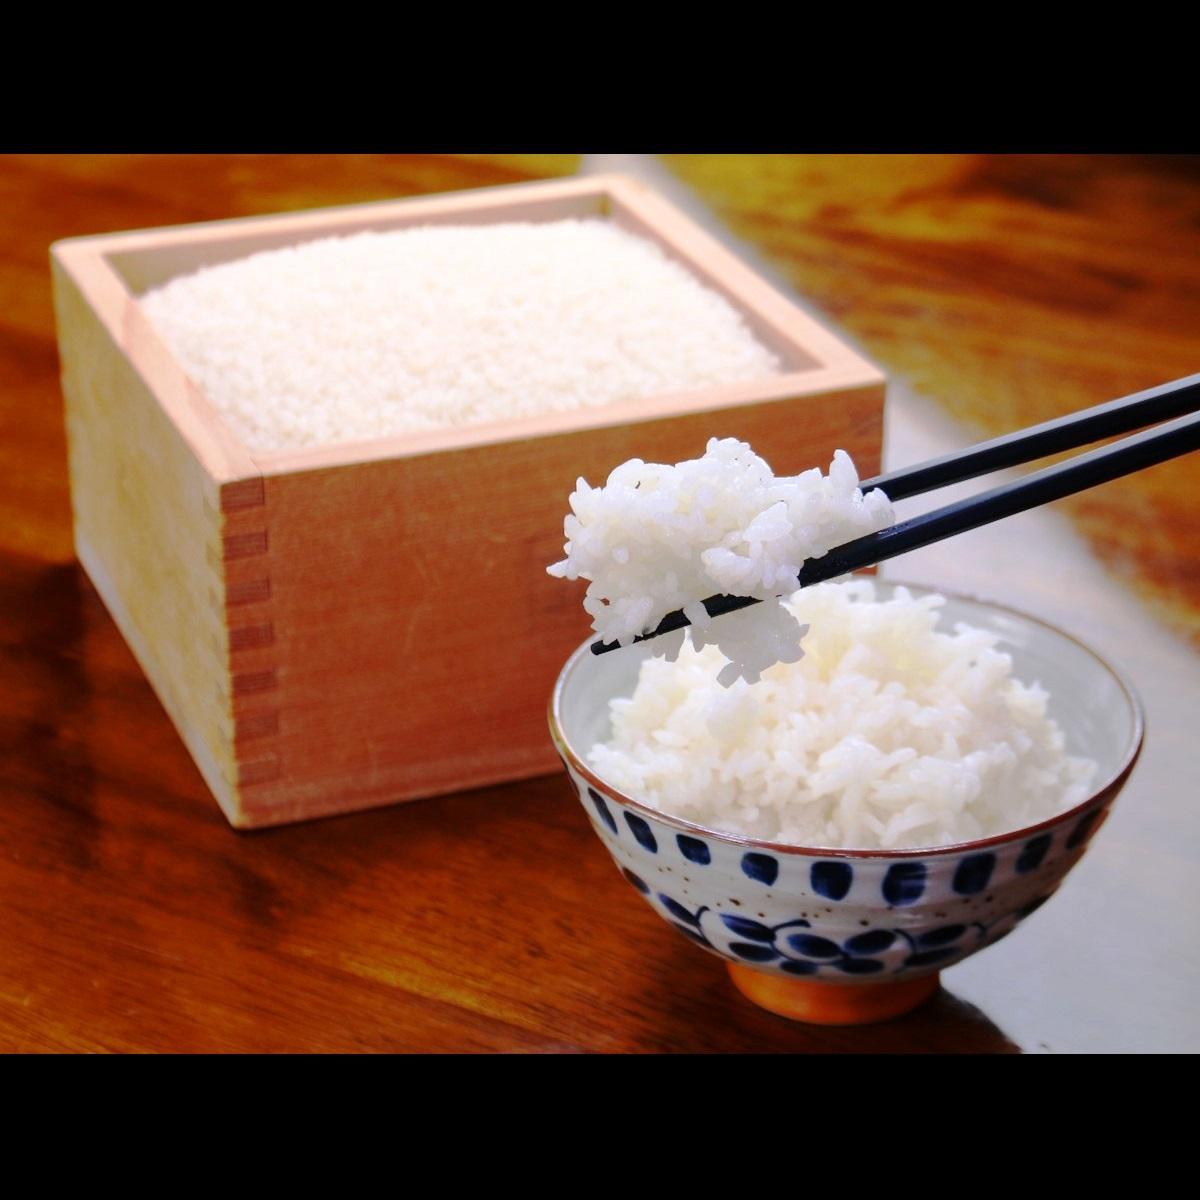 料理◆山の冷たい湧き水で育てた自家製コシヒカリは甘みが増し、お米本来の美味しさを味わえます